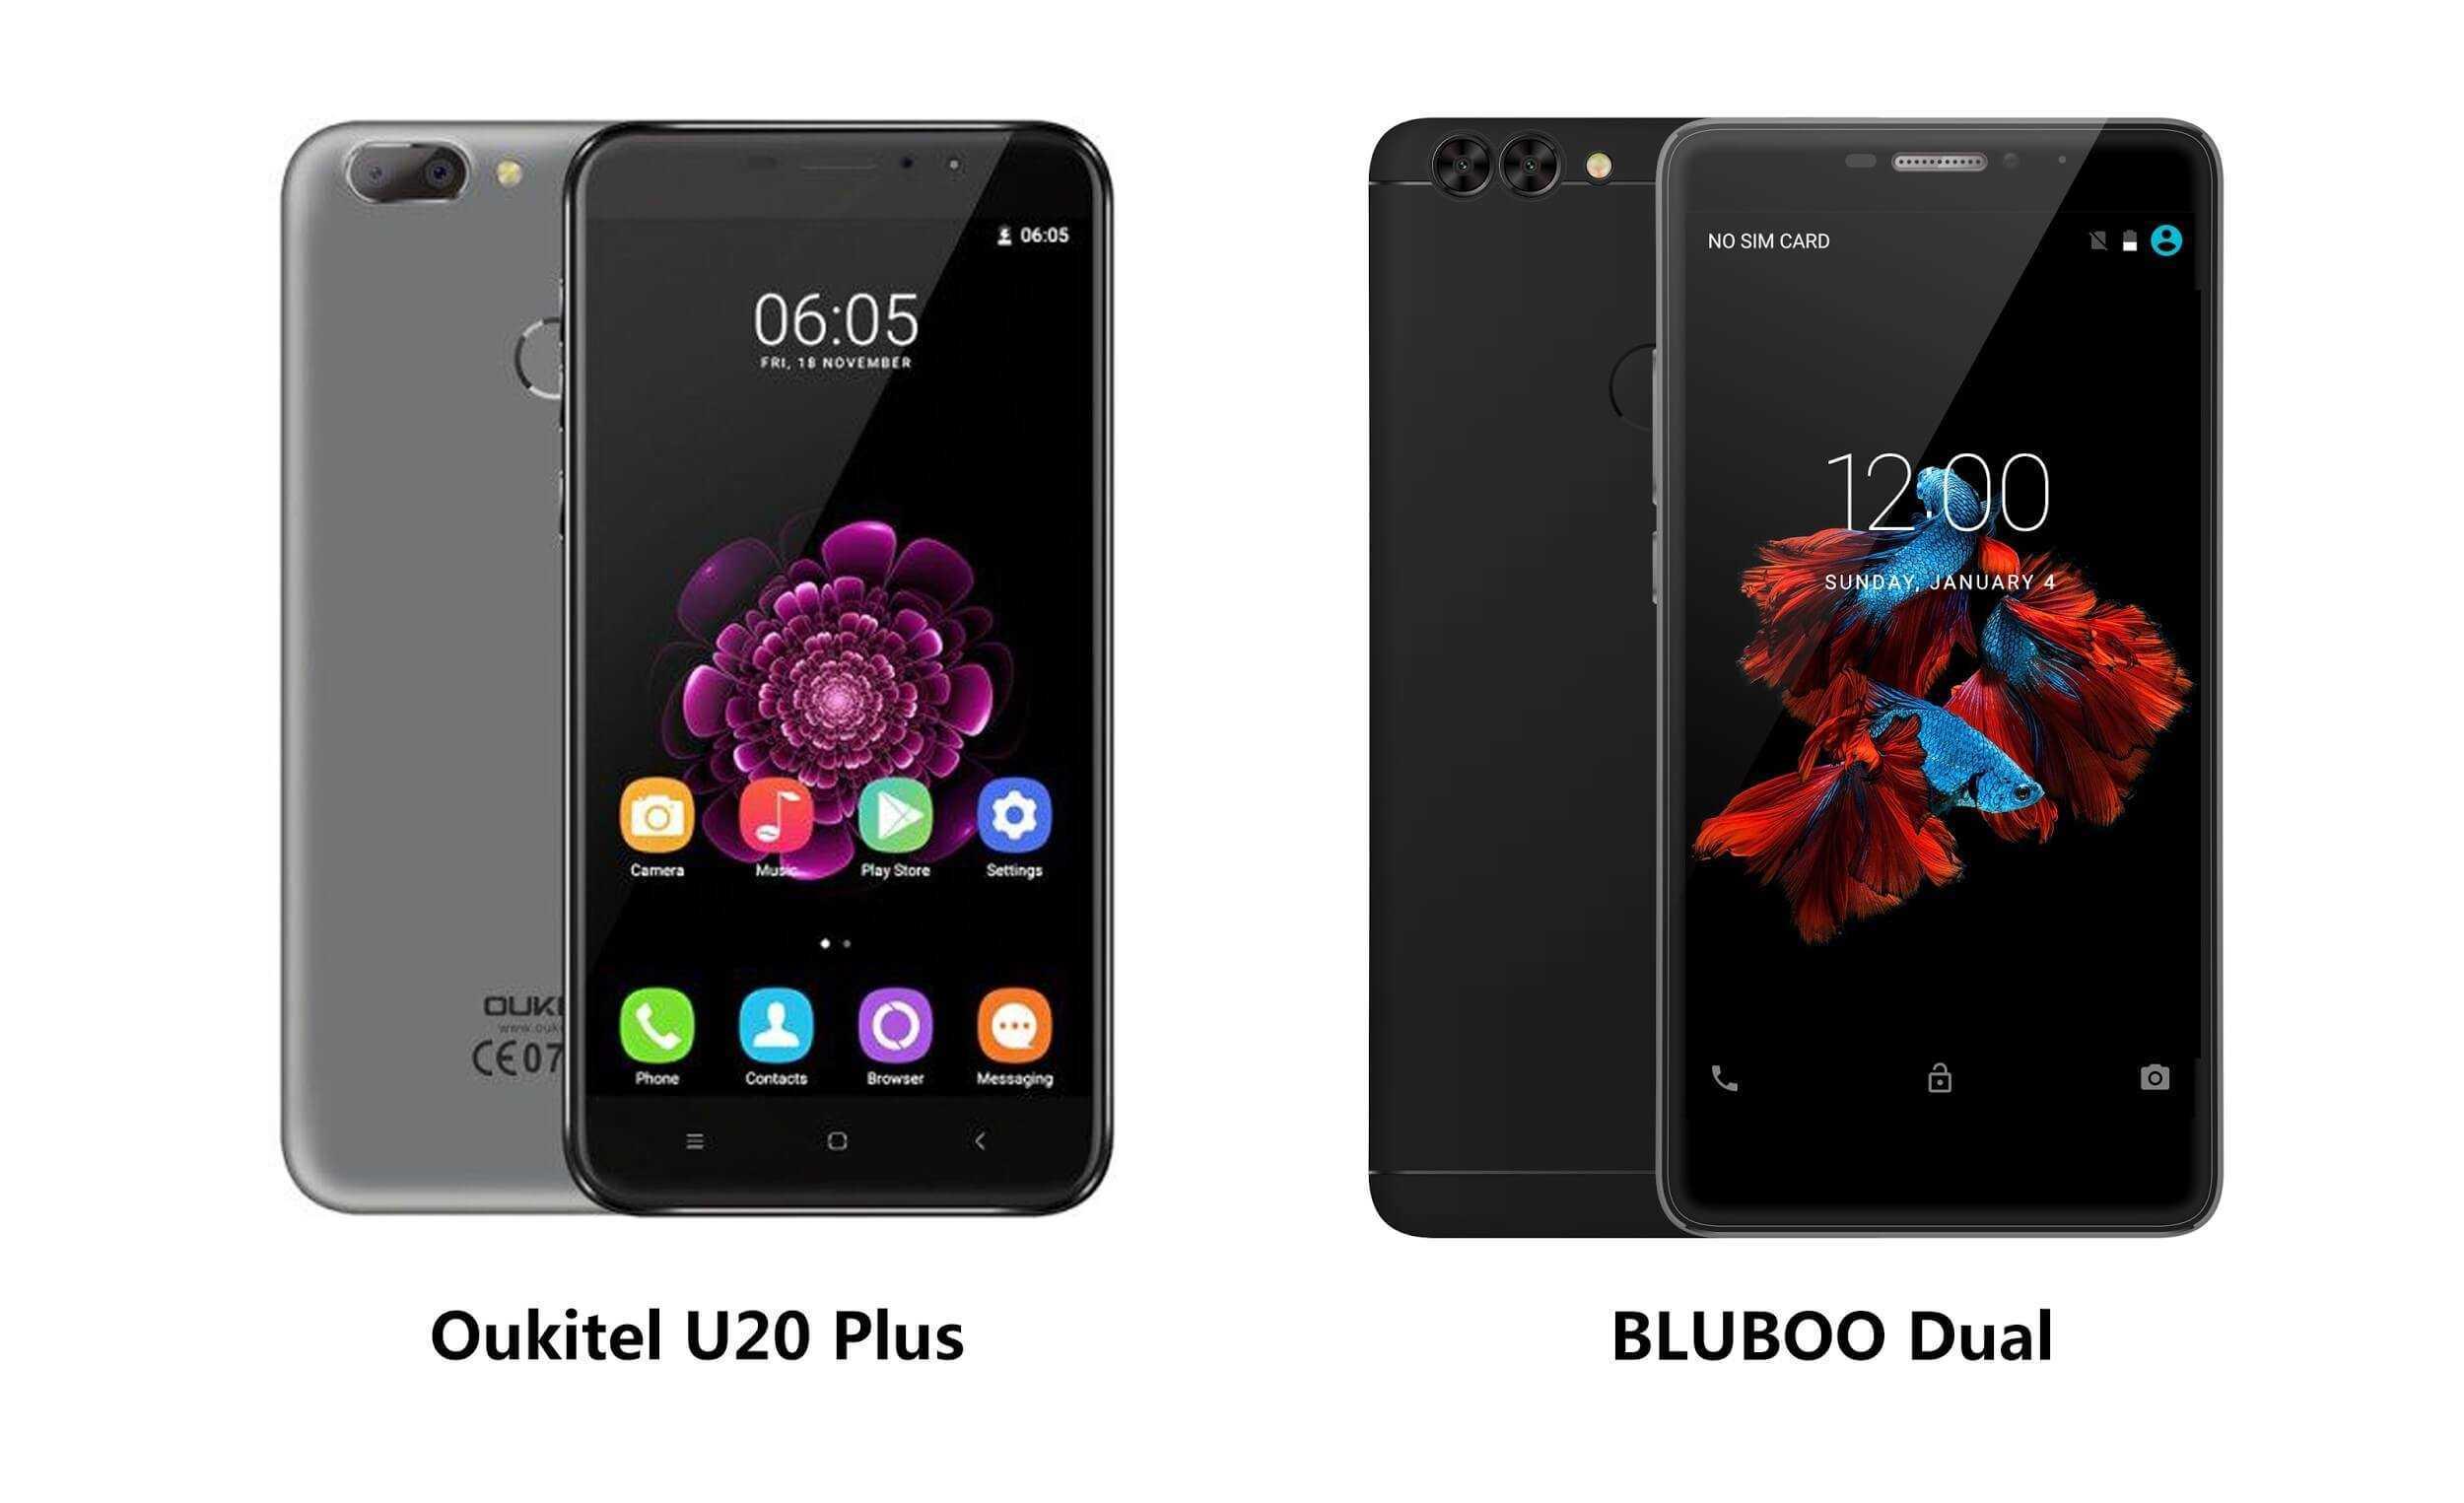 Bluboo Dual vs Oukitel U20 Plus